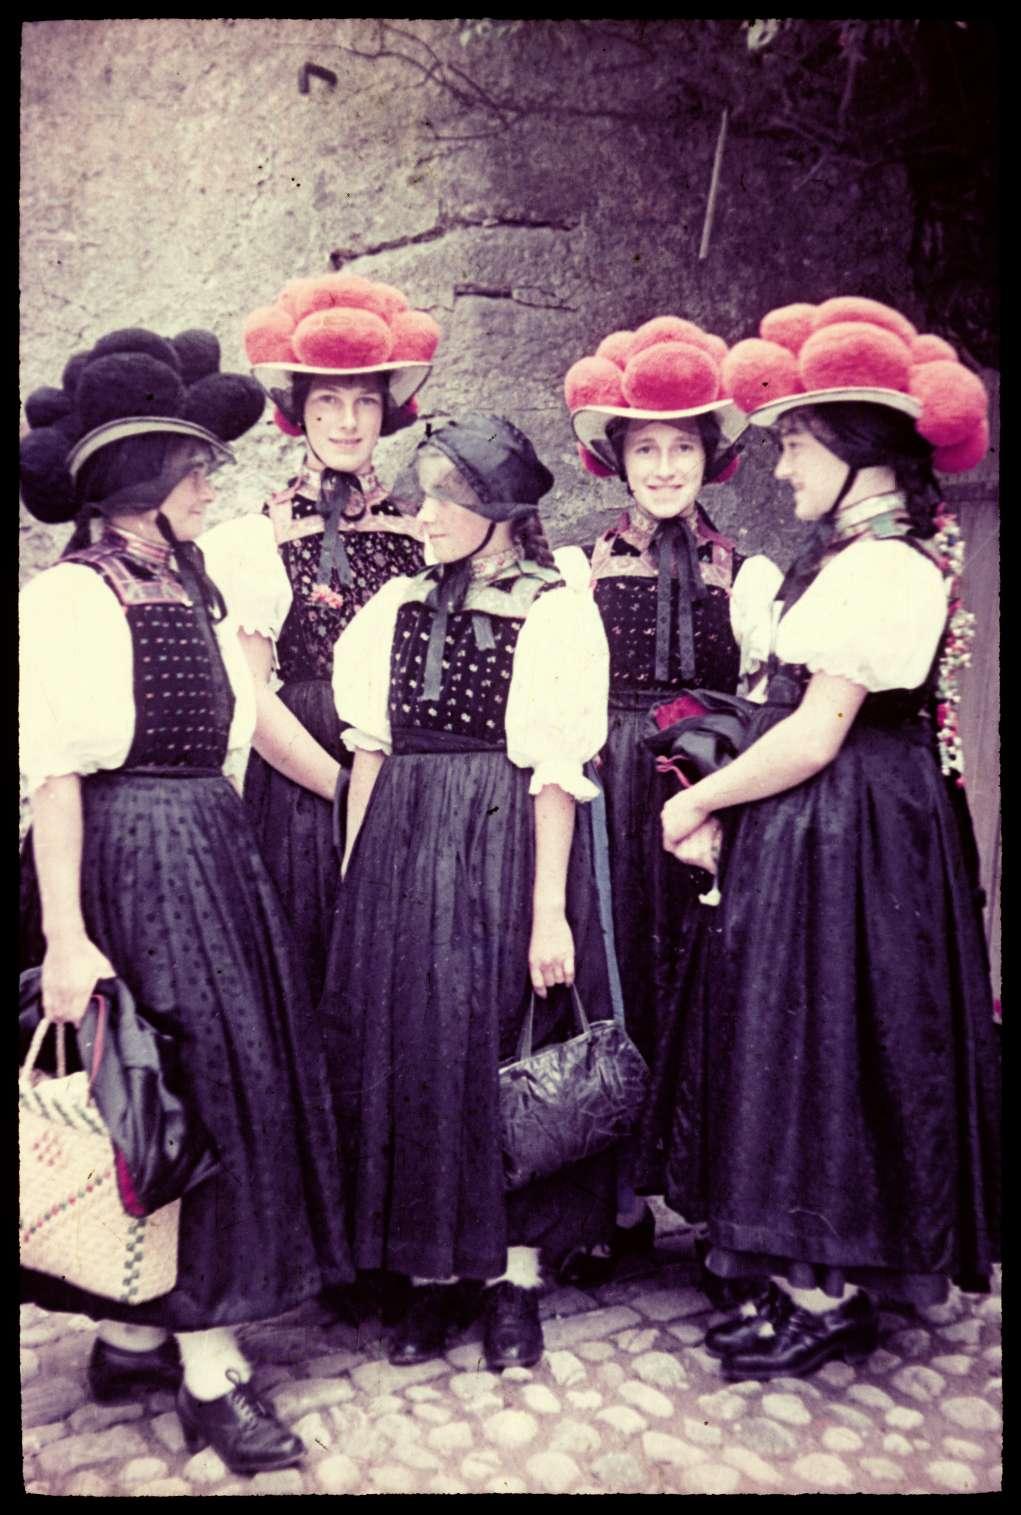 Schwarzwälder Trachten, Frauen und Mädchen mit den unterschiedlichen Kopfbedeckungen der Bollenhuttracht, circa 1955-1965 [Quellet: Badisches Landesmuseum Karlsruhe]